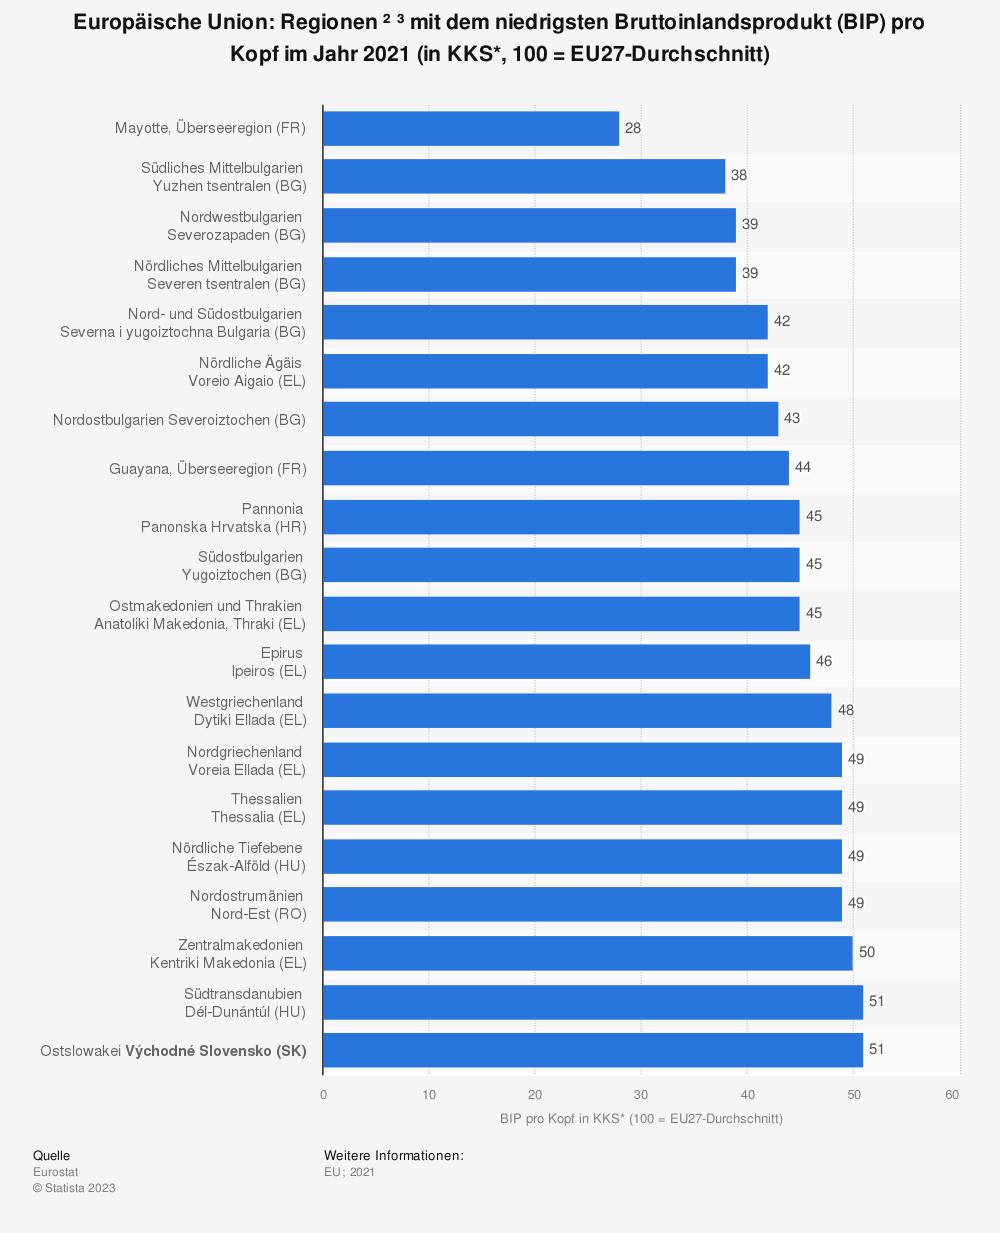 Statistik: Europäische Union: Regionen mit dem niedrigsten Bruttoinlandsprodukt (BIP) pro Kopf im Jahr 2018 (in KKS*, 100 = EU-Durchschnitt) | Statista